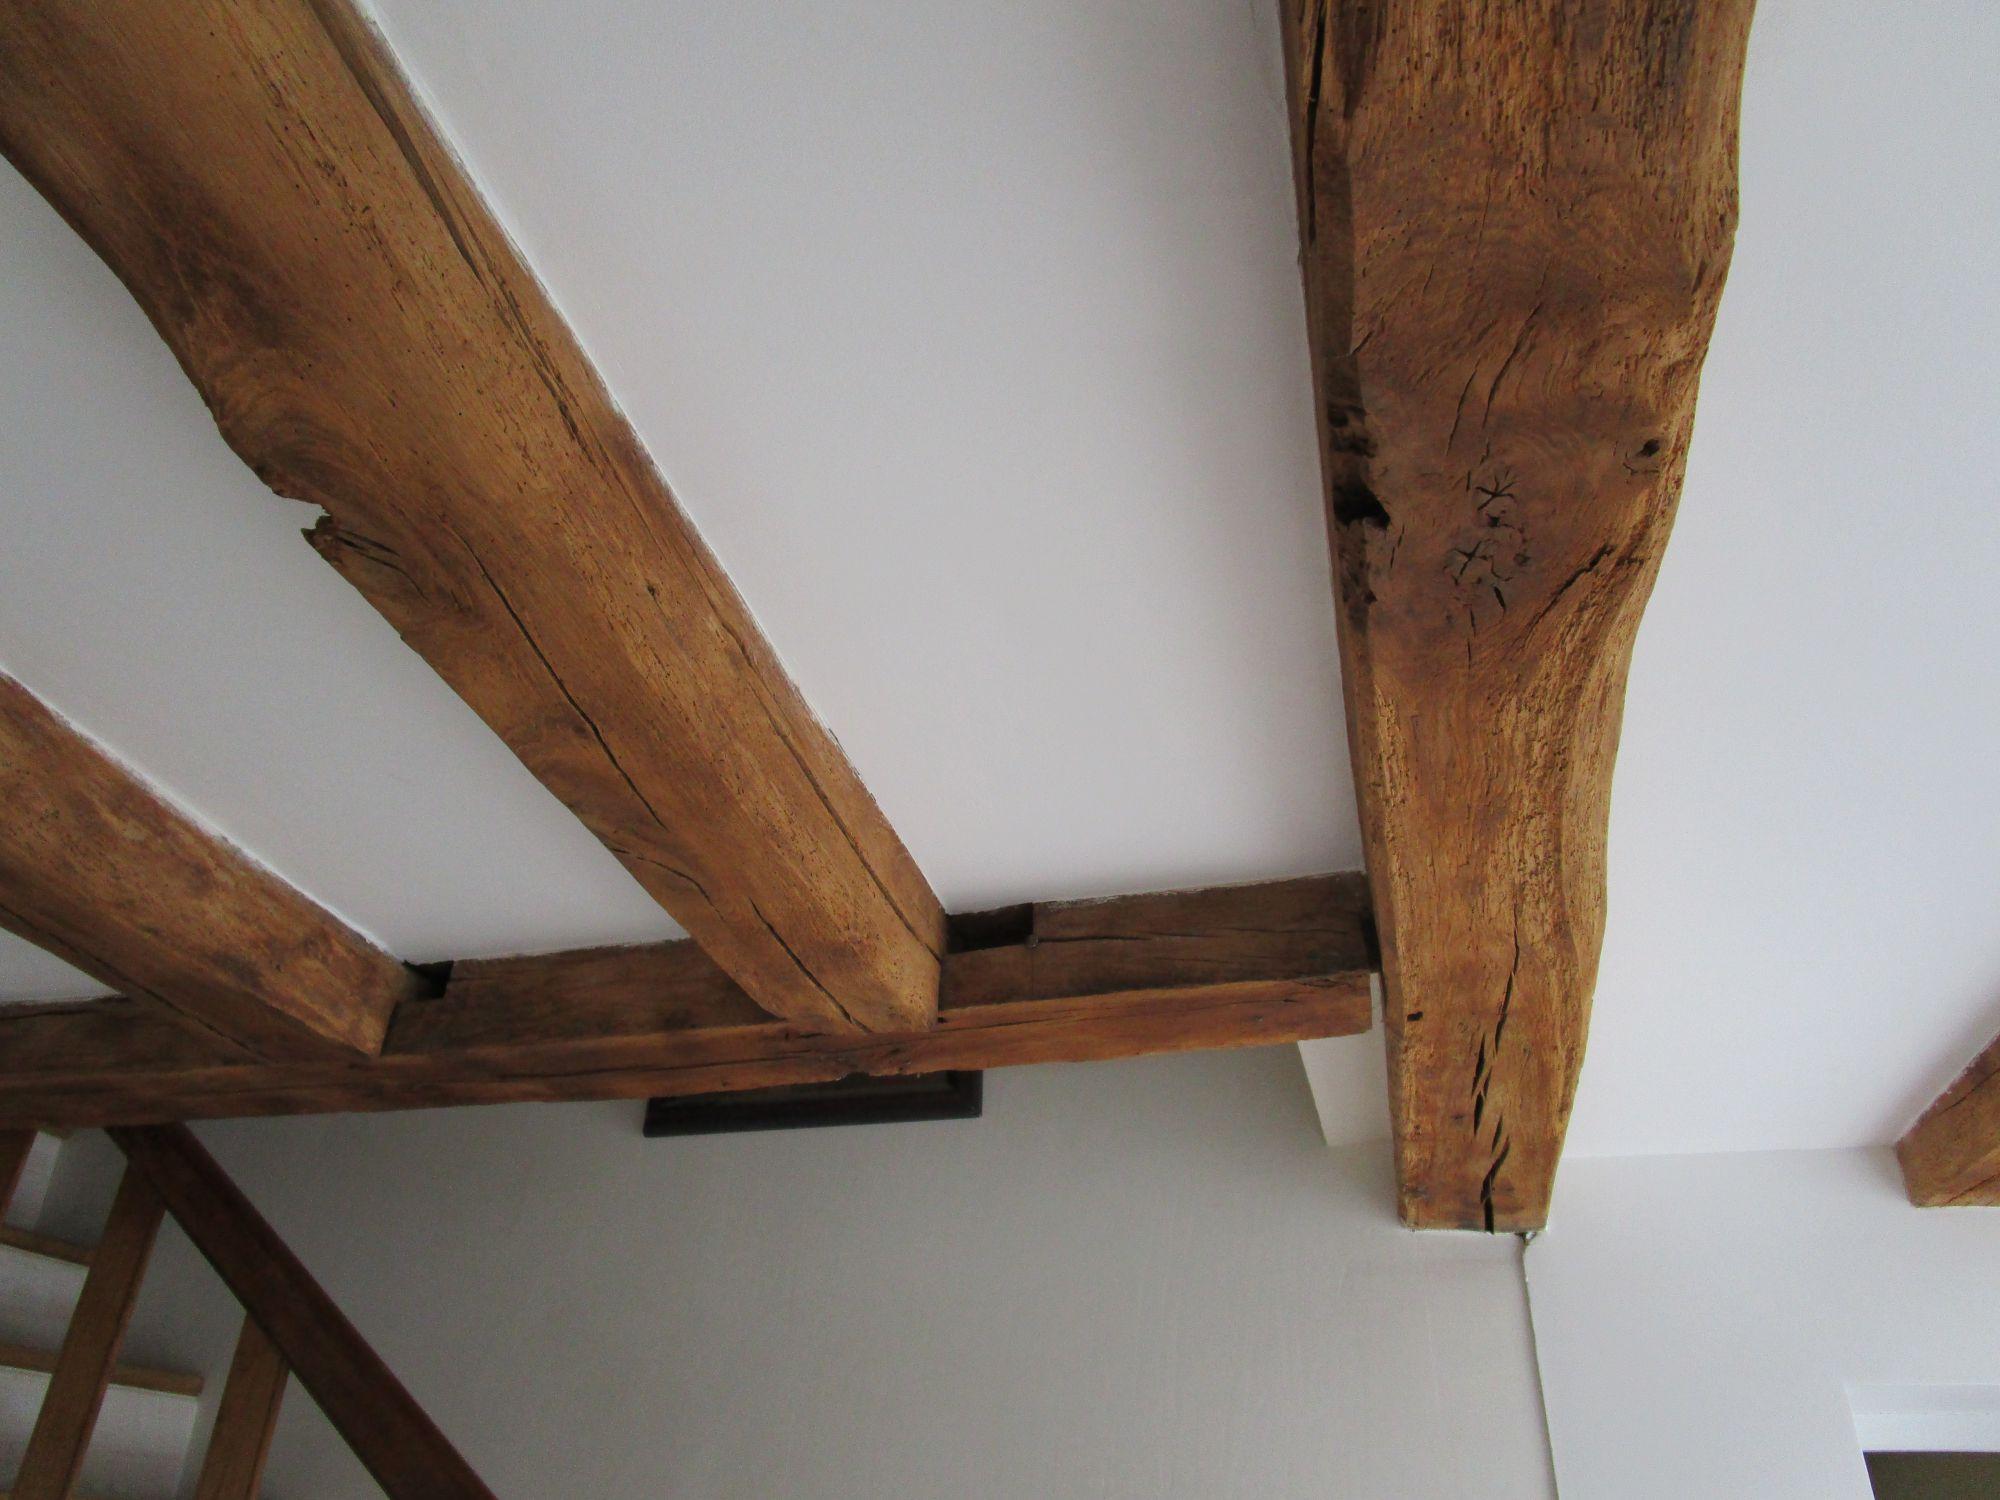 Placo plafond et mûrs